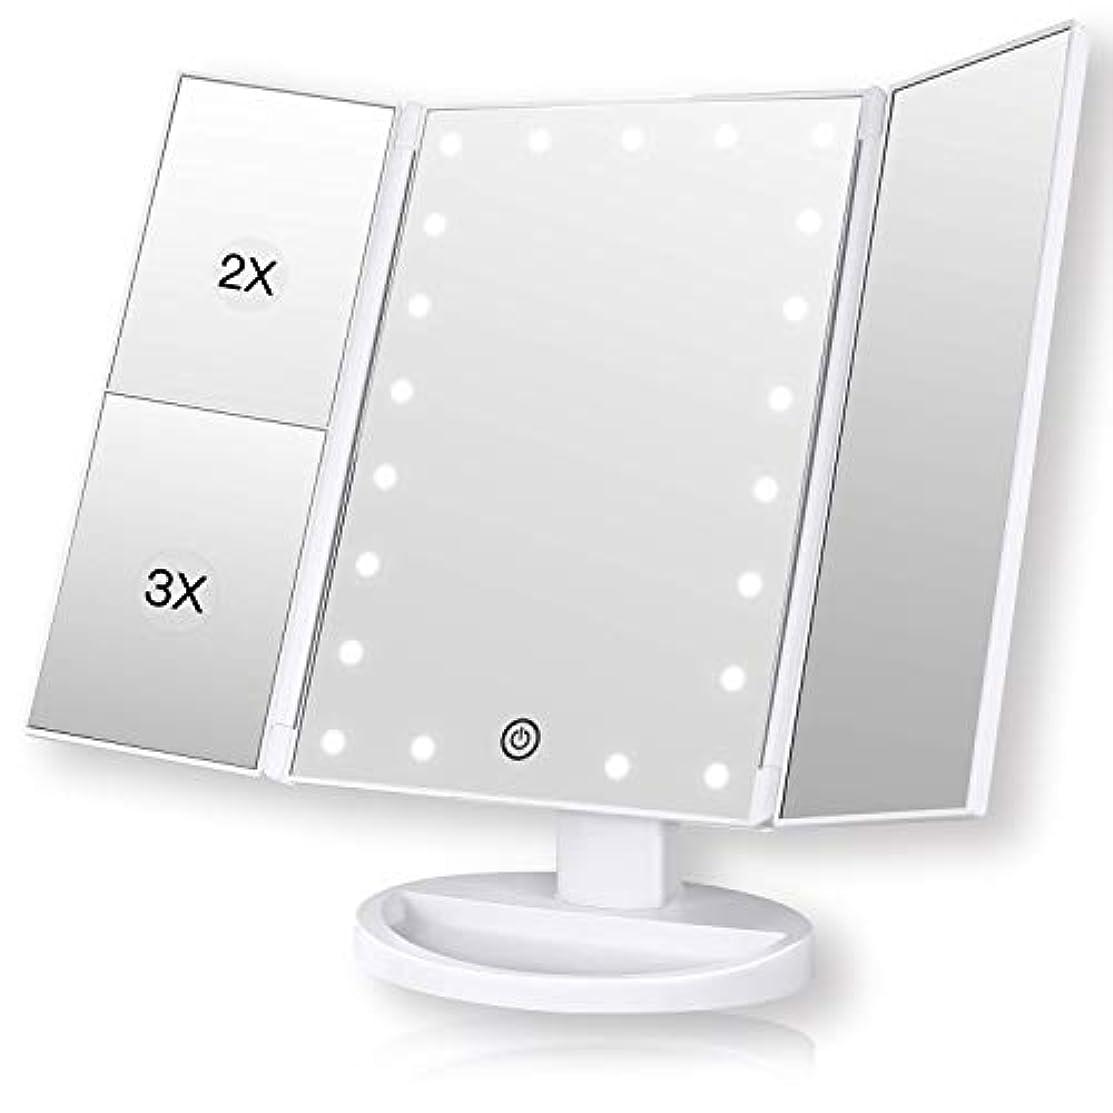 魔女キャッチ配置ROZZERMAN 化粧鏡 卓上ミラー 三面鏡 ledライト 女優ミラー 折りたたみ 持ち運び 拡大鏡 2倍 3倍 角度調整